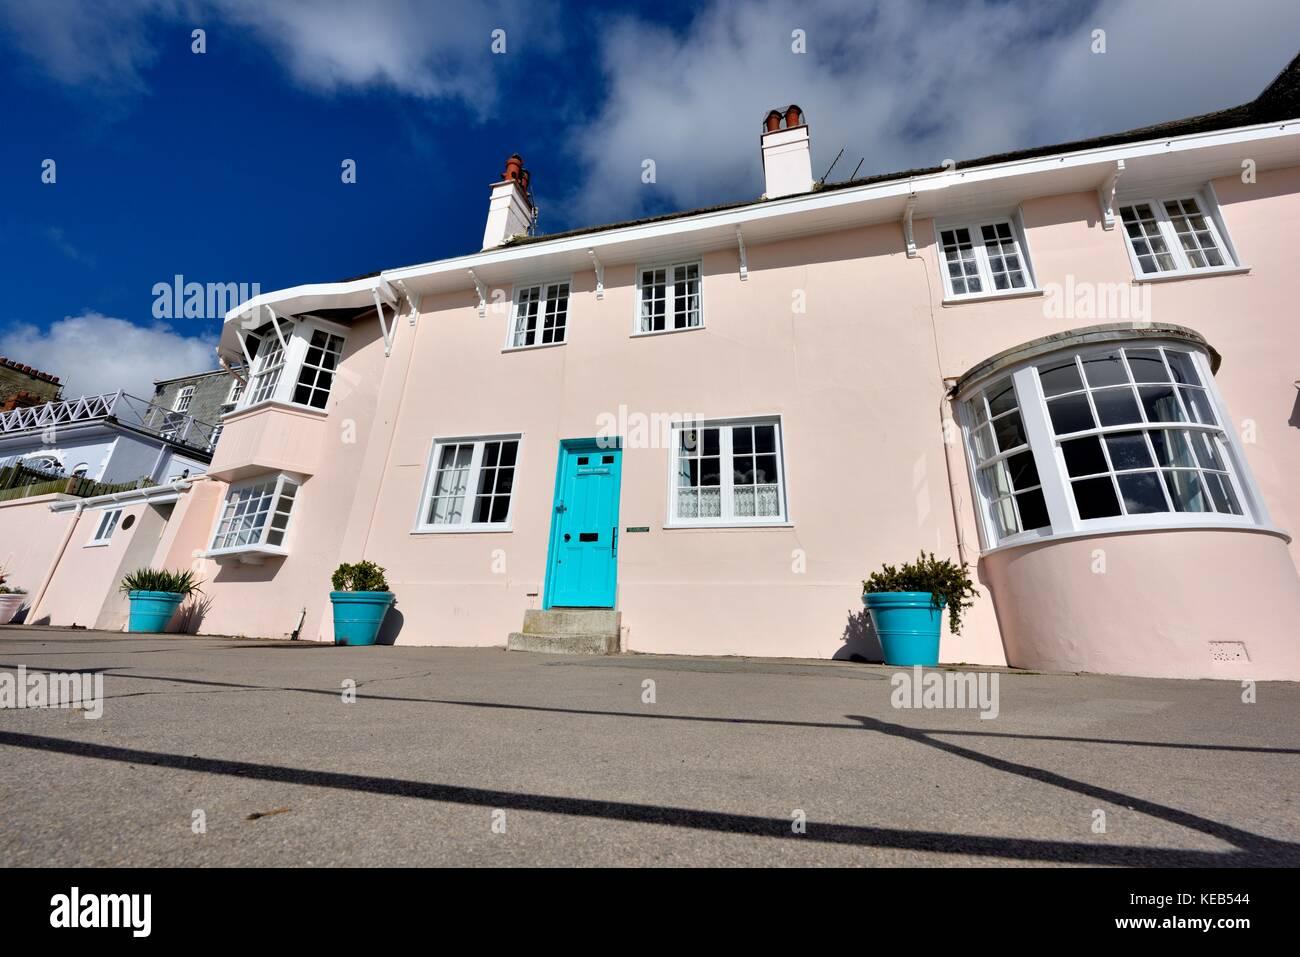 Wondrous Seaside Holiday Cottages Lyme Regis Dorset England Uk Stock Home Remodeling Inspirations Genioncuboardxyz